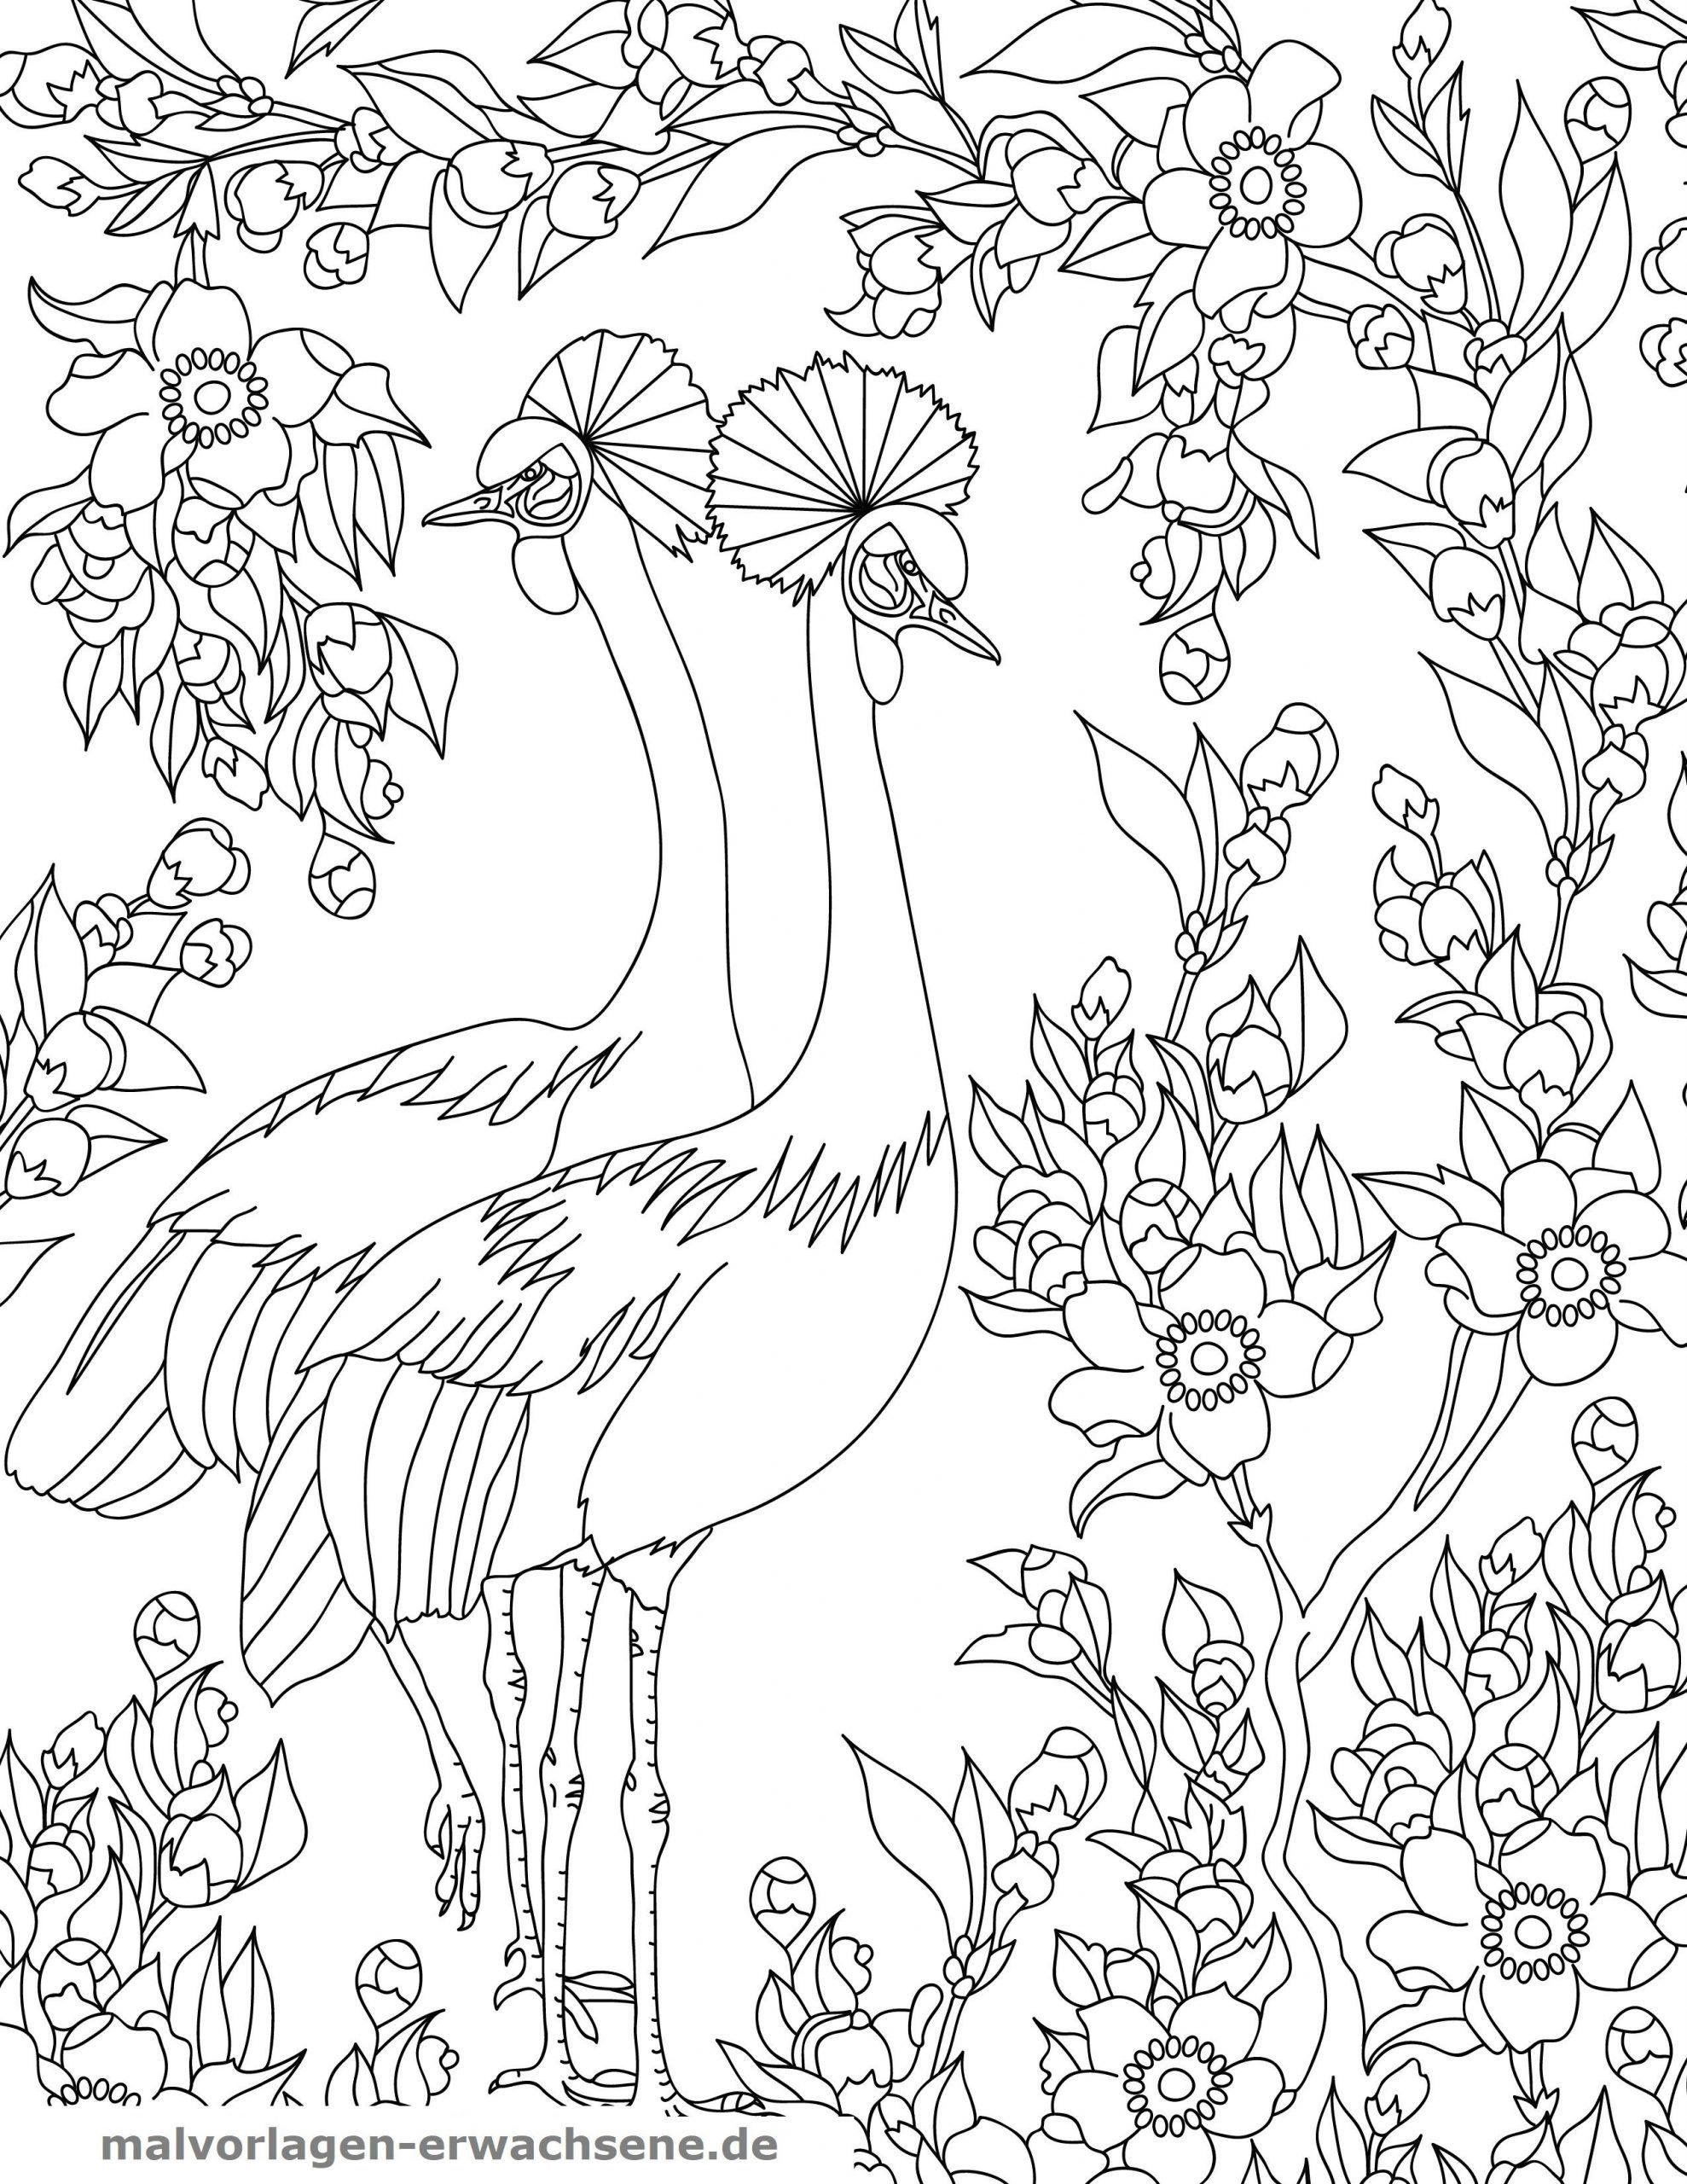 Malvorlagen Vogelchen